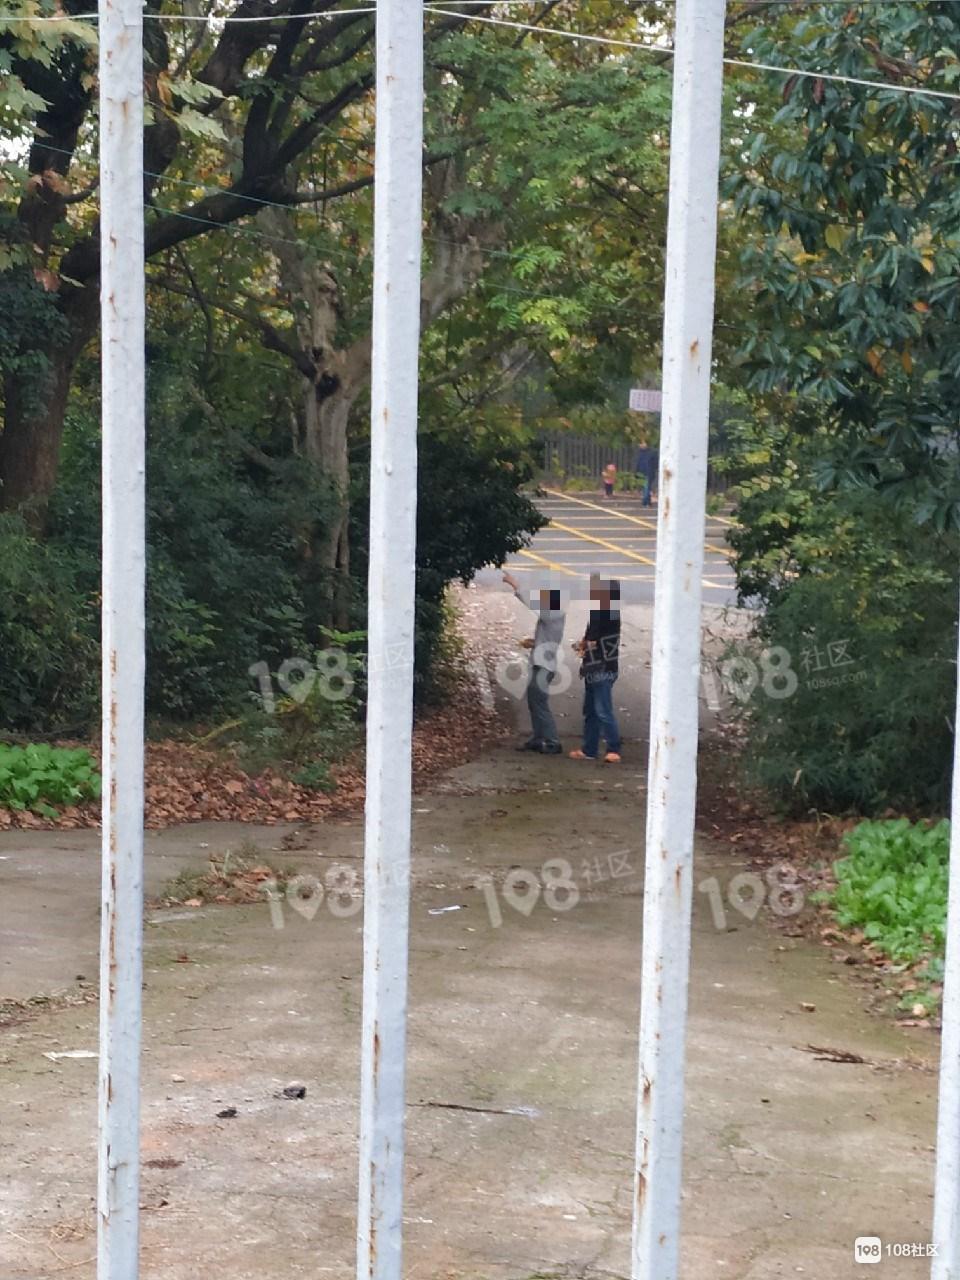 怒了!城隍山这2人竟跑到我家门口,干下这缺德事!